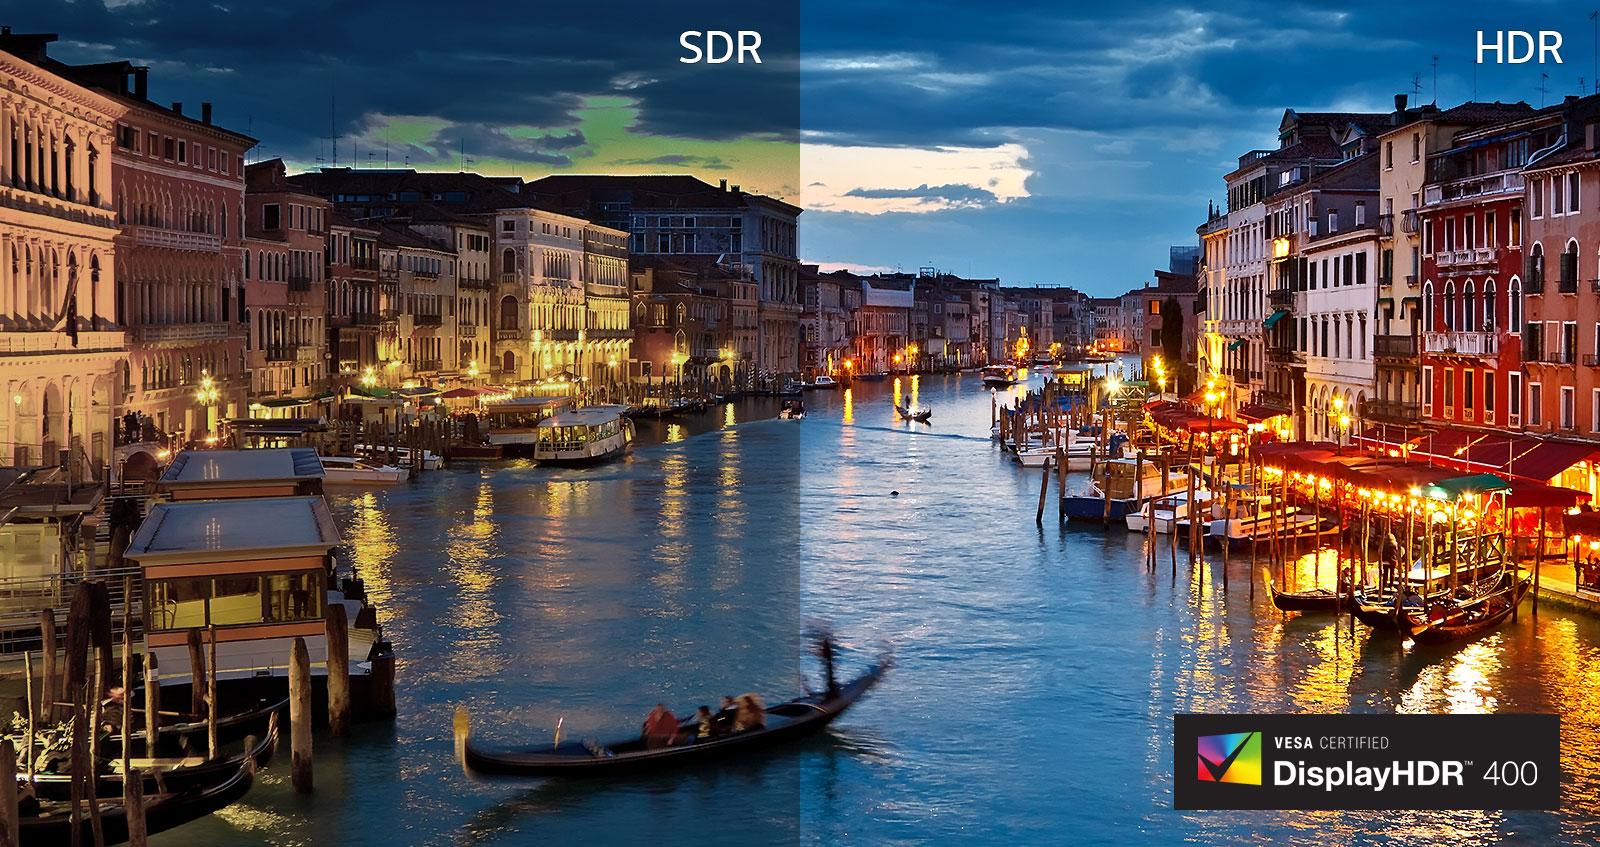 SDR VS. HDR